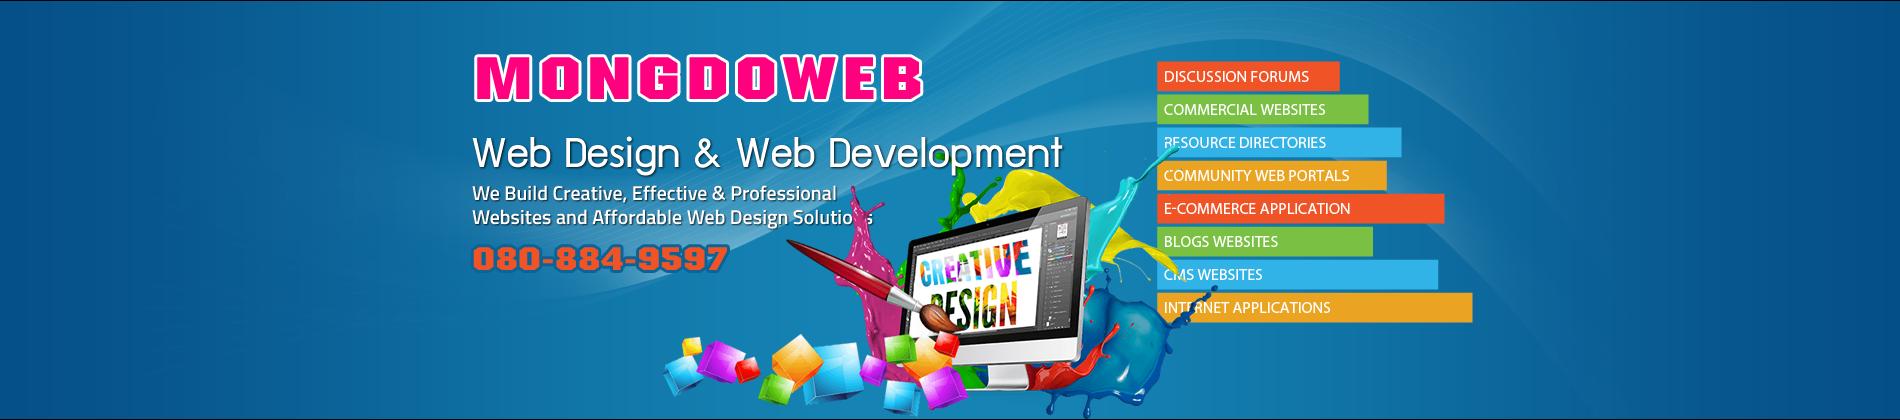 เขียนโปรแกรม ทำเว็บไซต์ติดอันดับ Google  รับทำเว็บไซต์ ทำเว็บขายสินค้าออนไลน์